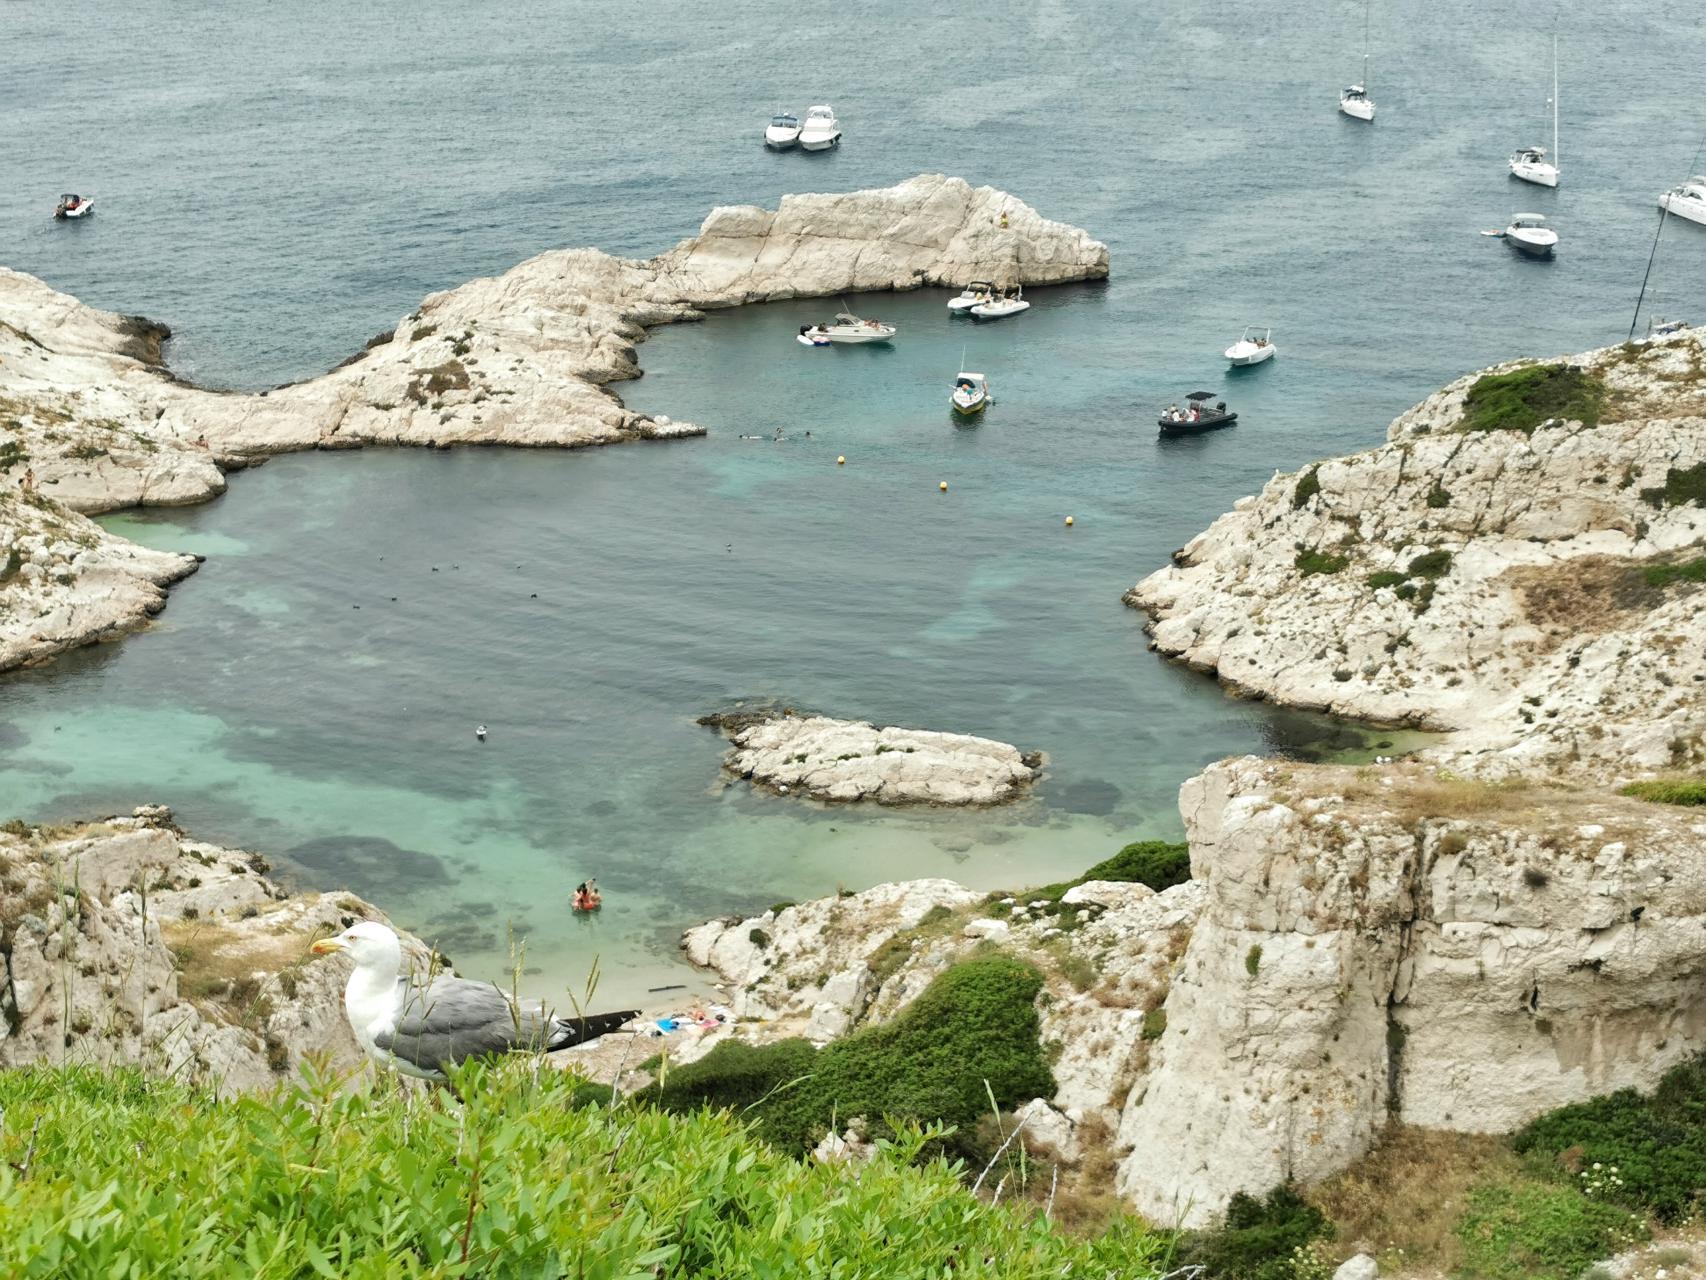 La calanque du Flancadou, tour des iles du Frioul en packraft ou kayak gonflable